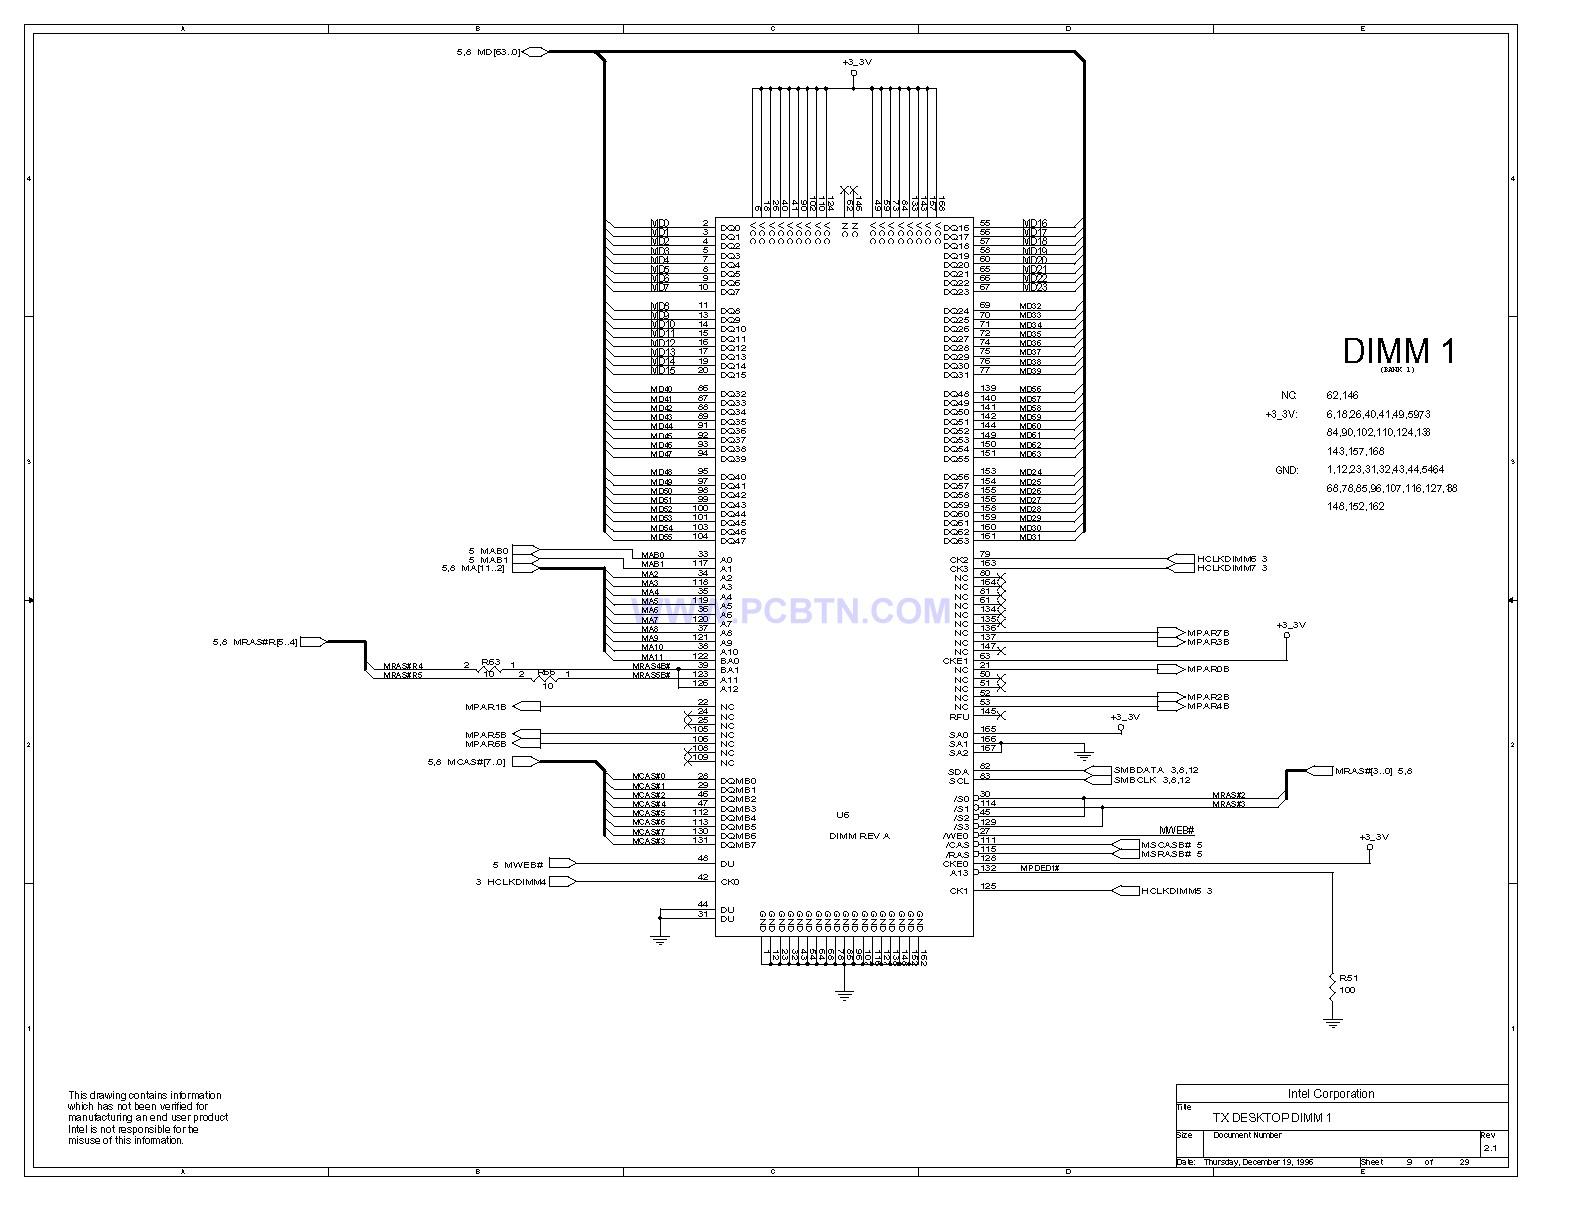 电脑主板设计图430TX[_]09